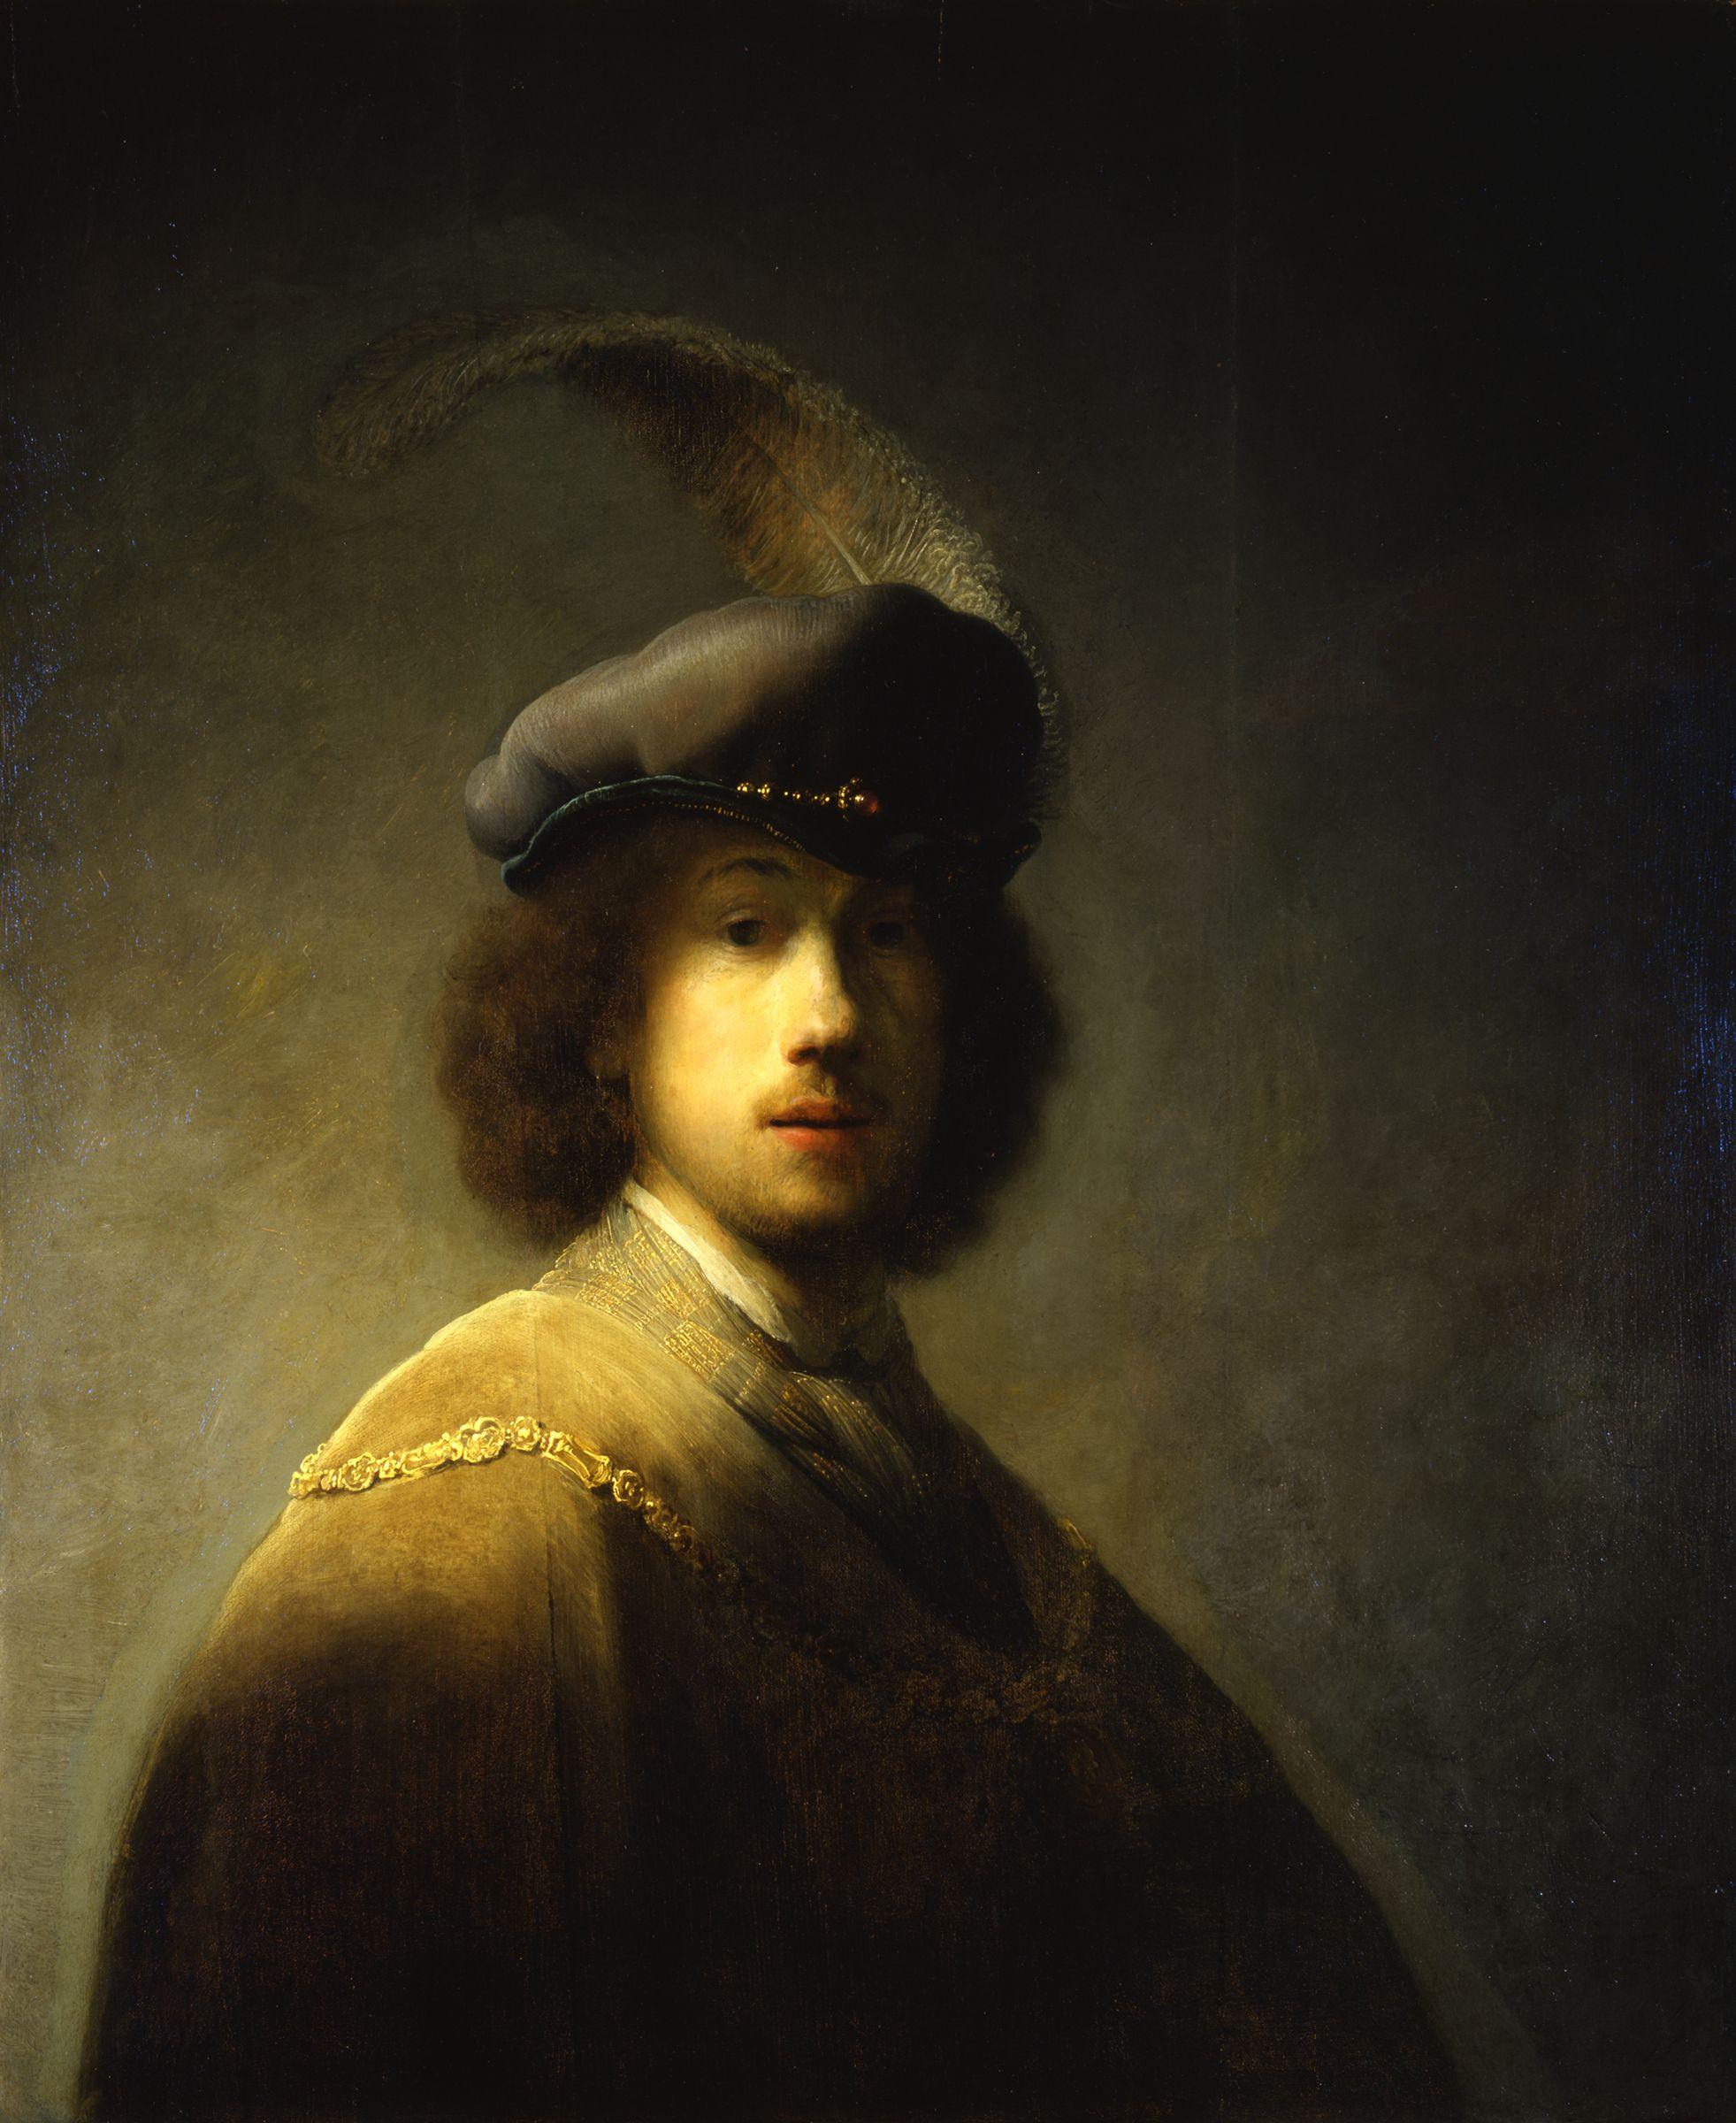 Rembrandt Harmenszoon van Rijn (Dutch 1606–1669) [Dutch Golden Age, Baroque] Self-portrait, 1629. Oil on panel, 89.7 x 73.5 cm. Isabella Stewart Gardner Museum, Boston.